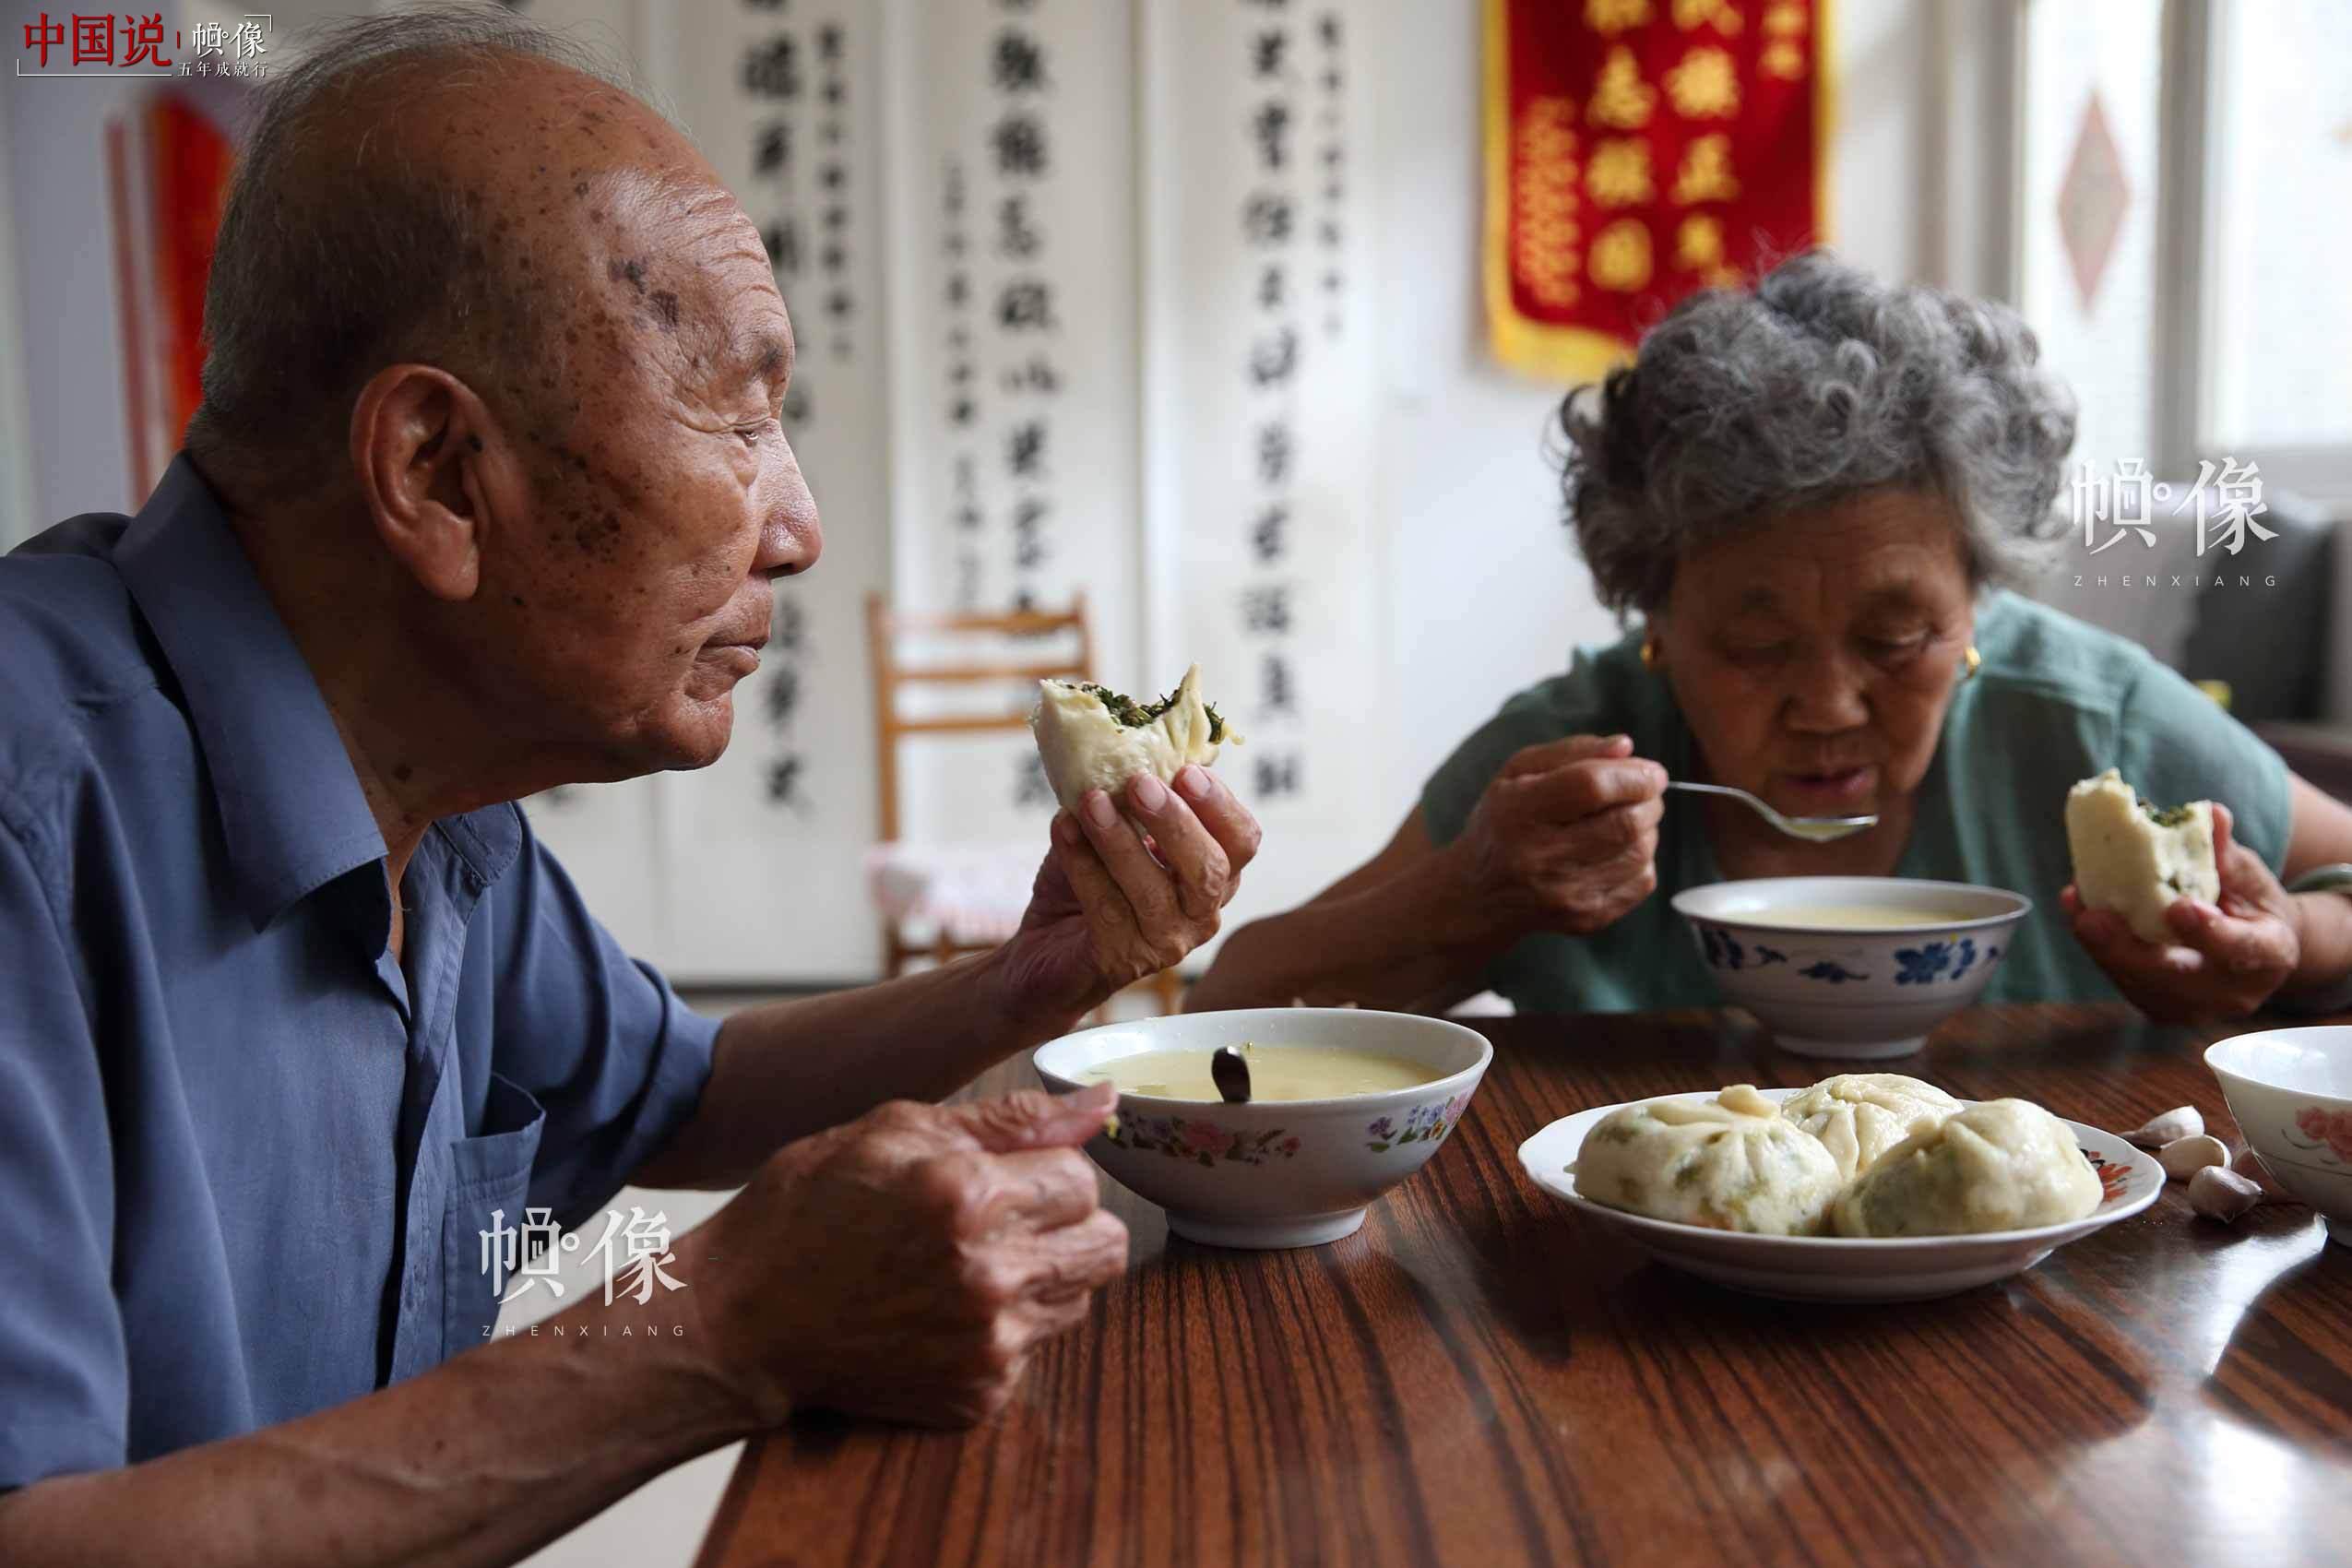 竹蚂蚁和着韭菜馅的包子,再加上杂粮粥,就是郑福来和老伴儿李春生简单的午餐。中国网记者 陈维松 摄